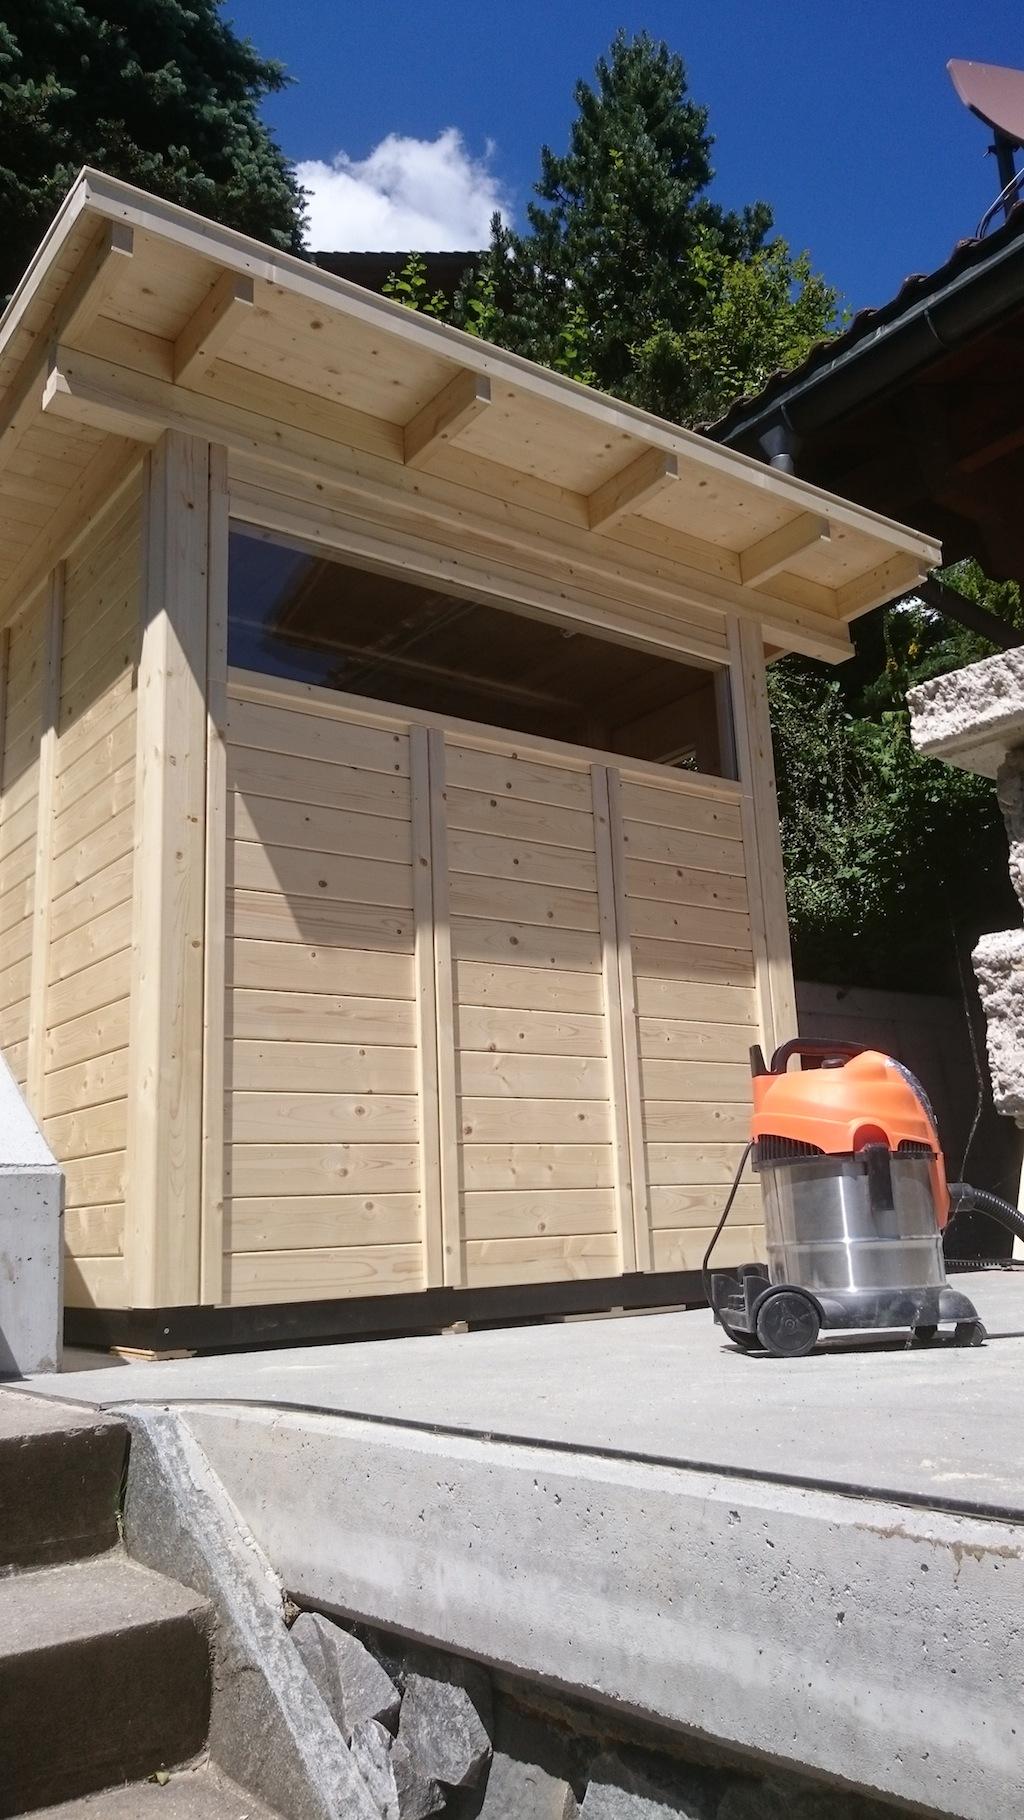 Gartensauna mit fenster - Sauna fenster ...